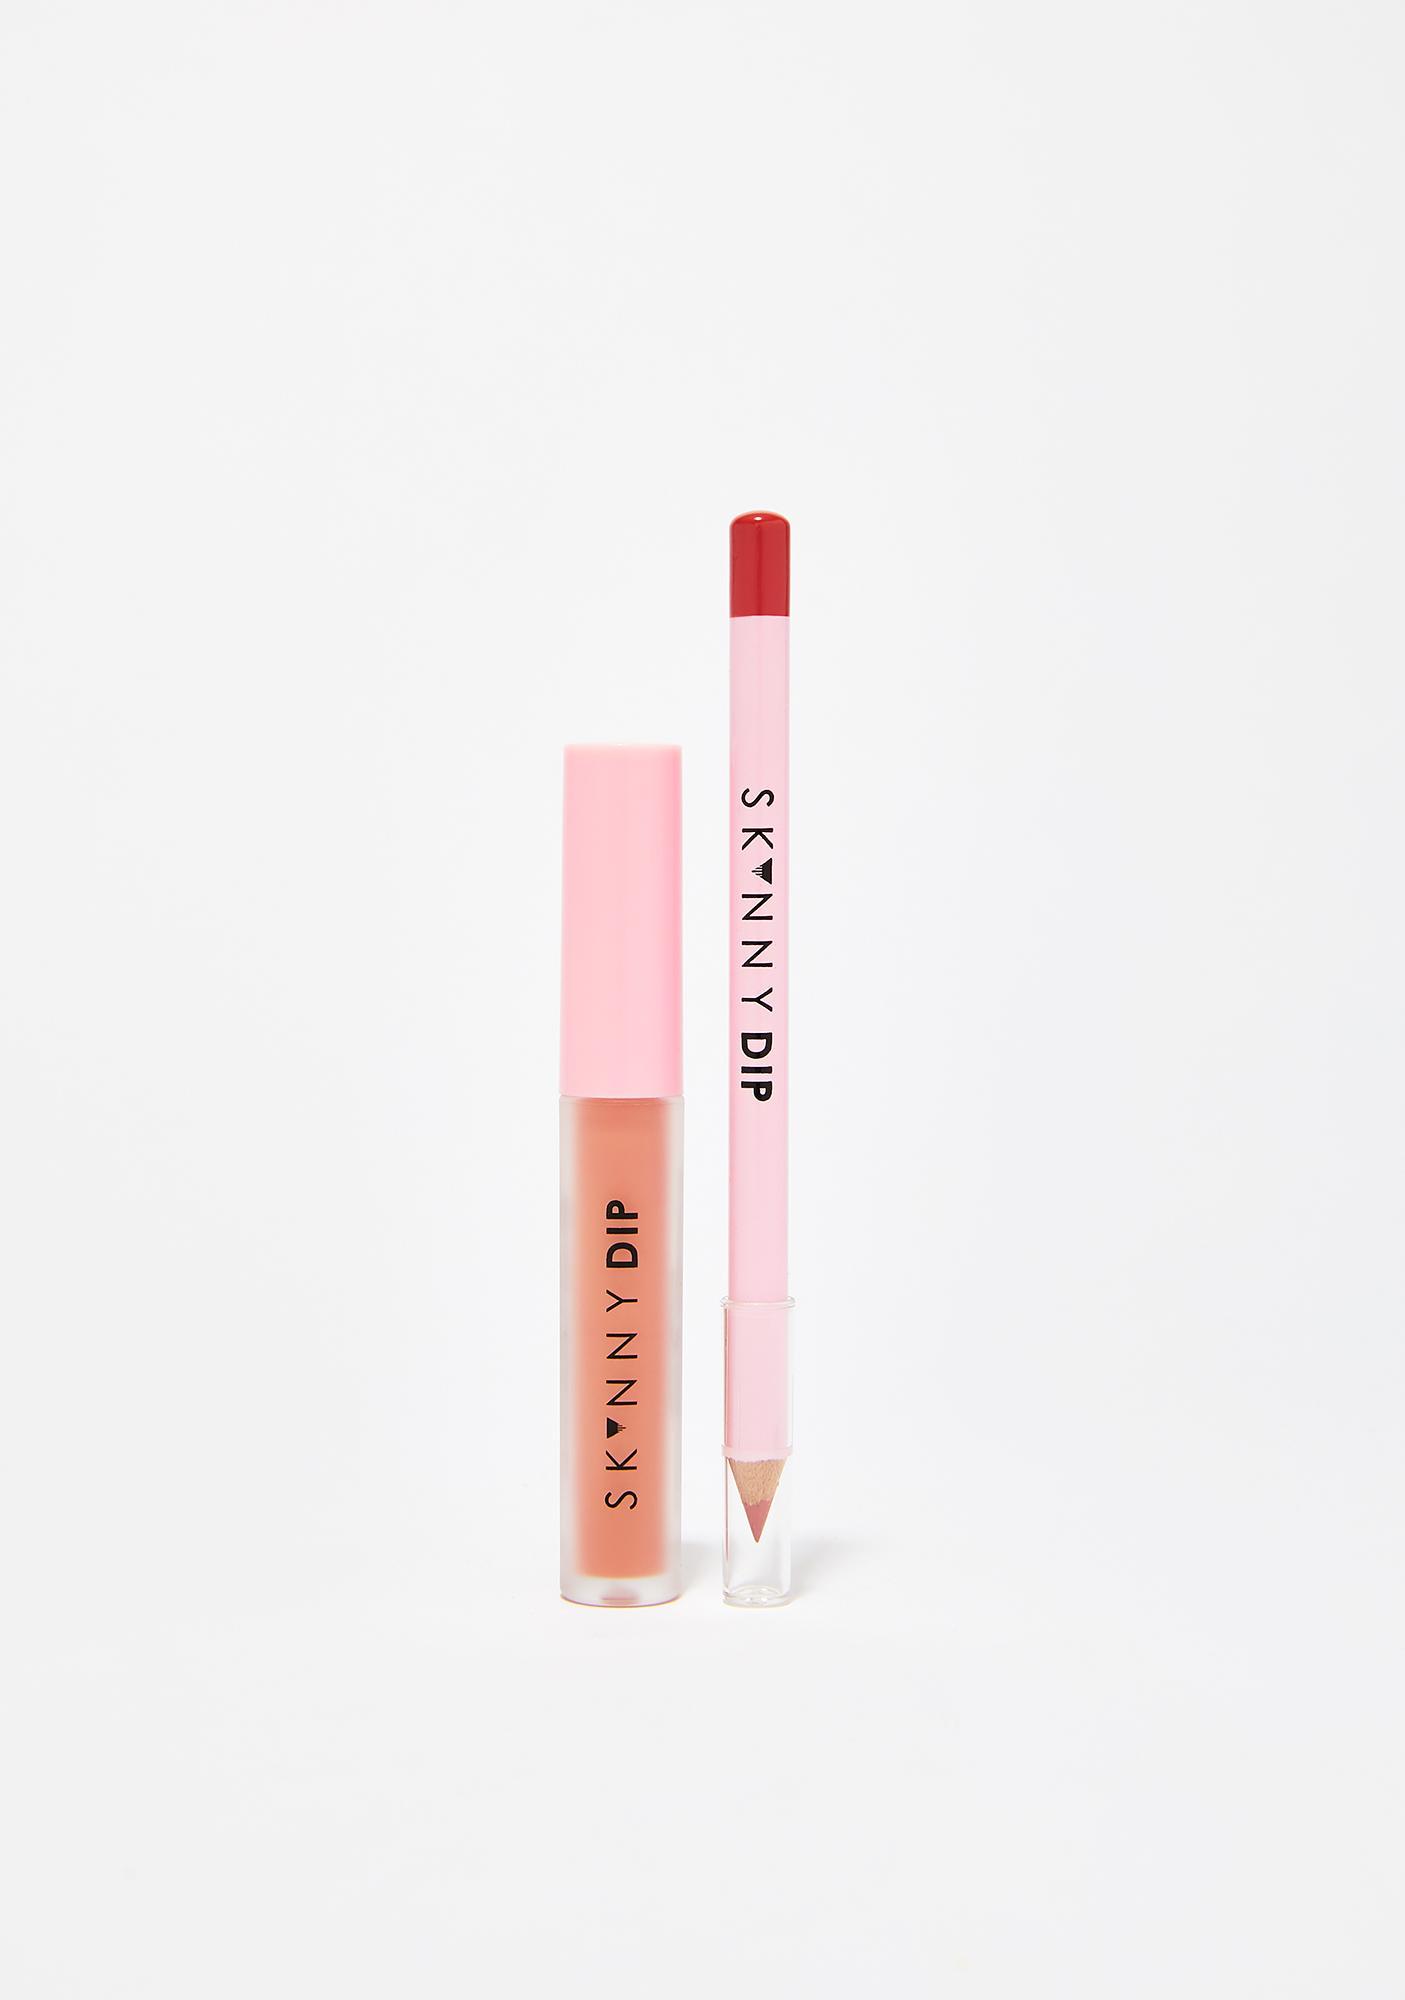 Skinnydip Pout Power Lip Kit